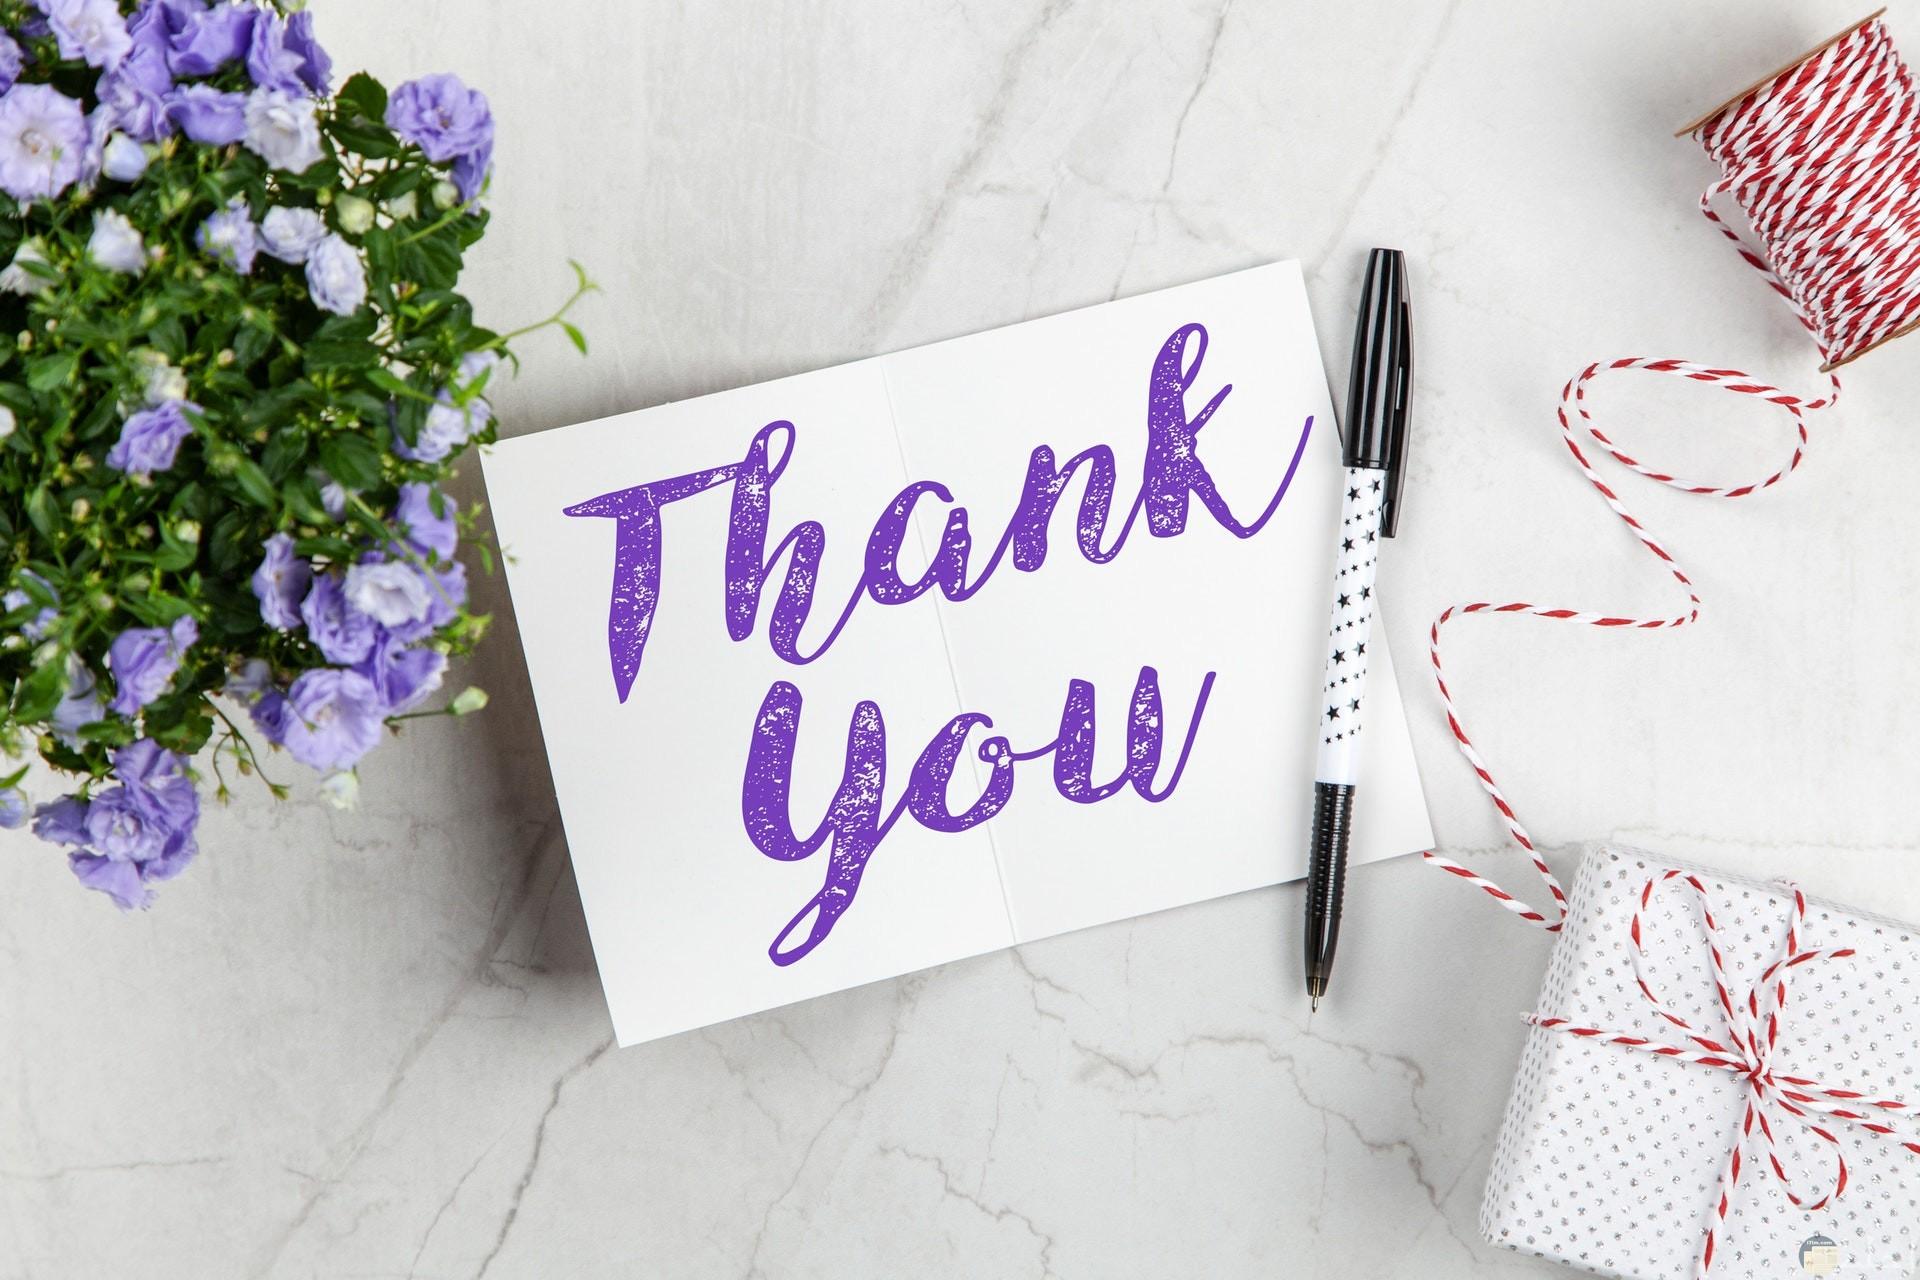 صورة جميلة لشكرا بالإنجليزي للأصدقاء باللون البنفسجي بجانبها قلم وباقة ورد بنفسجية